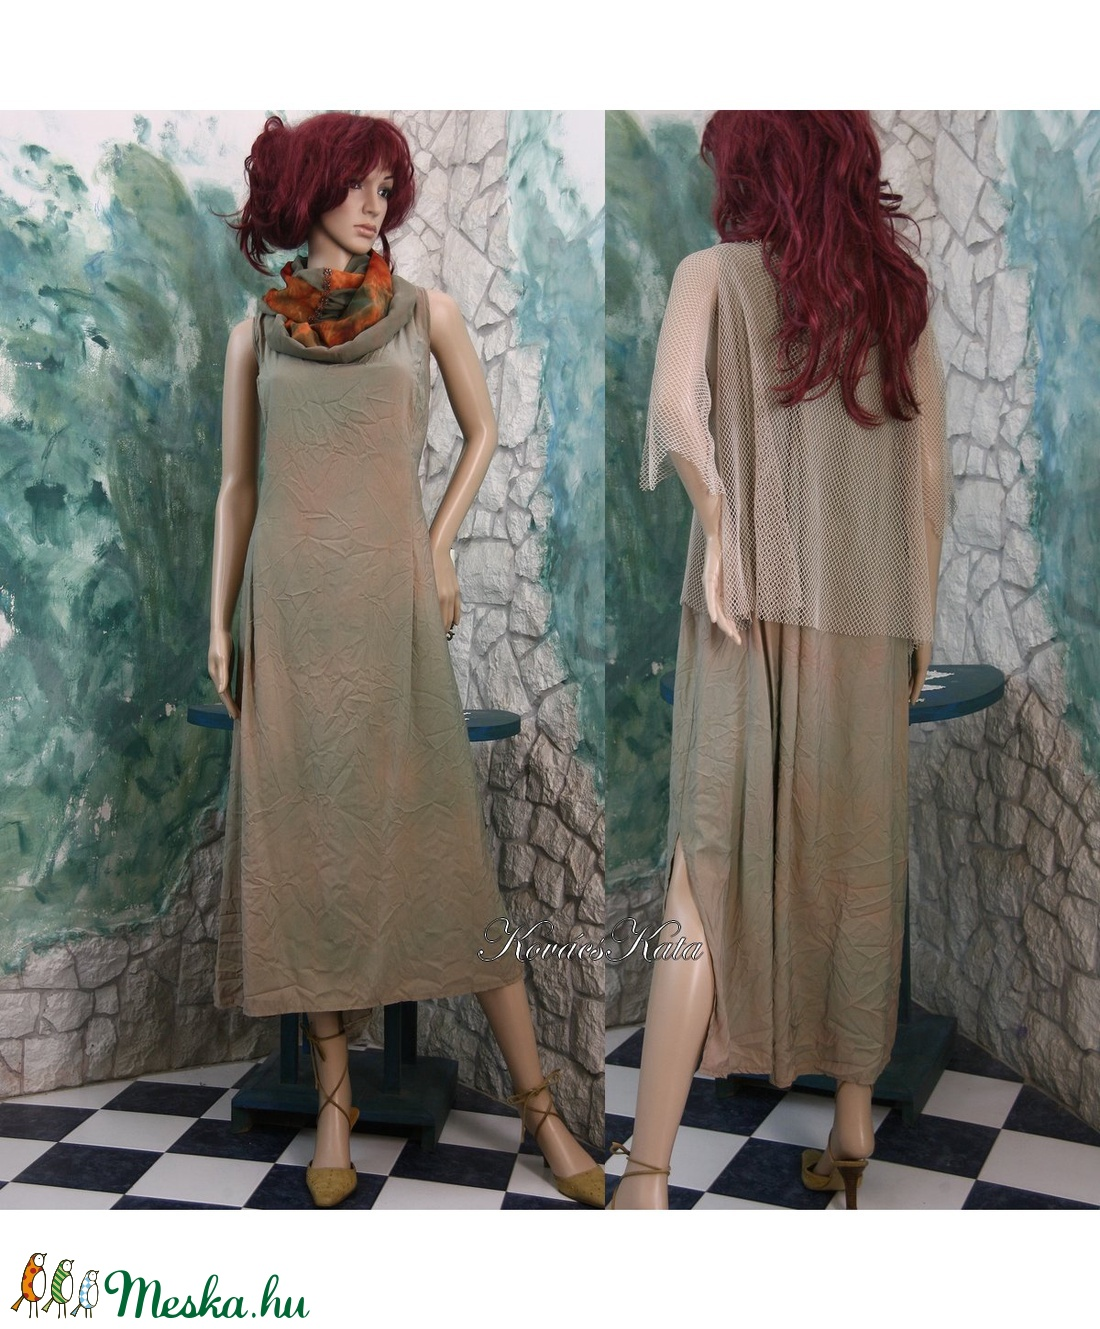 JÁZMIN-SZETT - batikolt selyemruha applikált necctunikával - ruha & divat - női ruha - ruha - Meska.hu